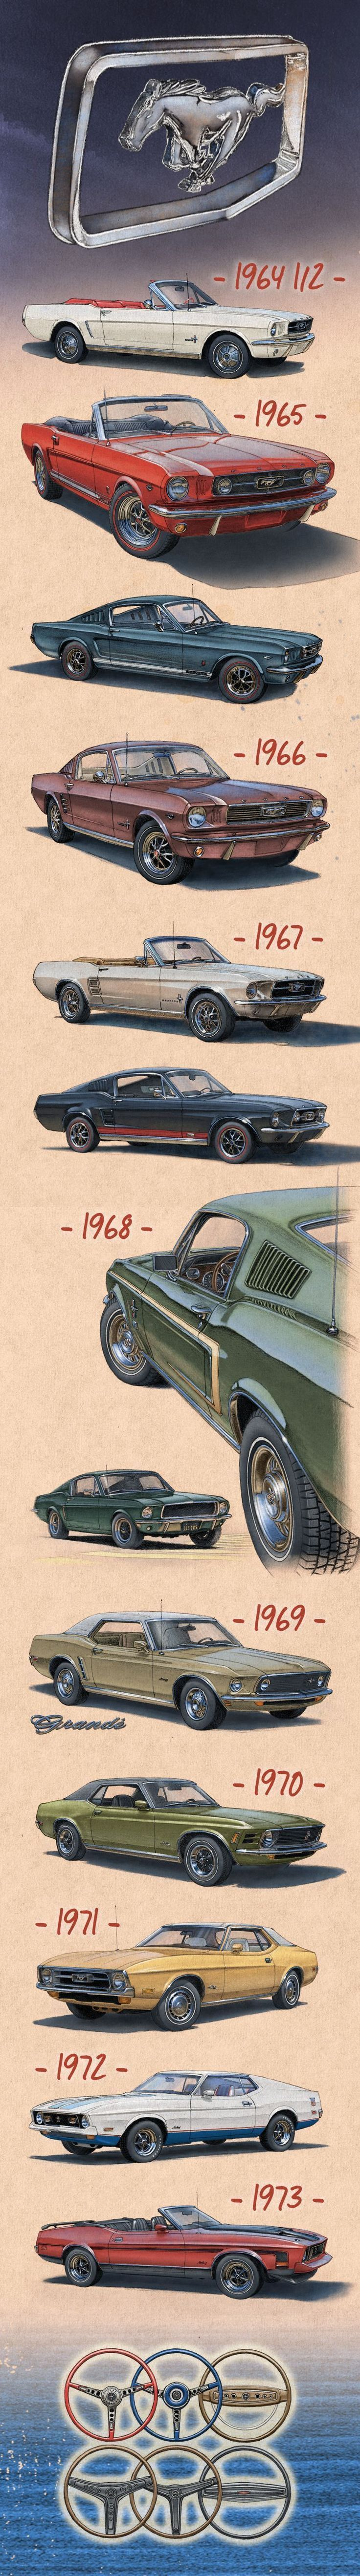 Klassische Ford Mustangs